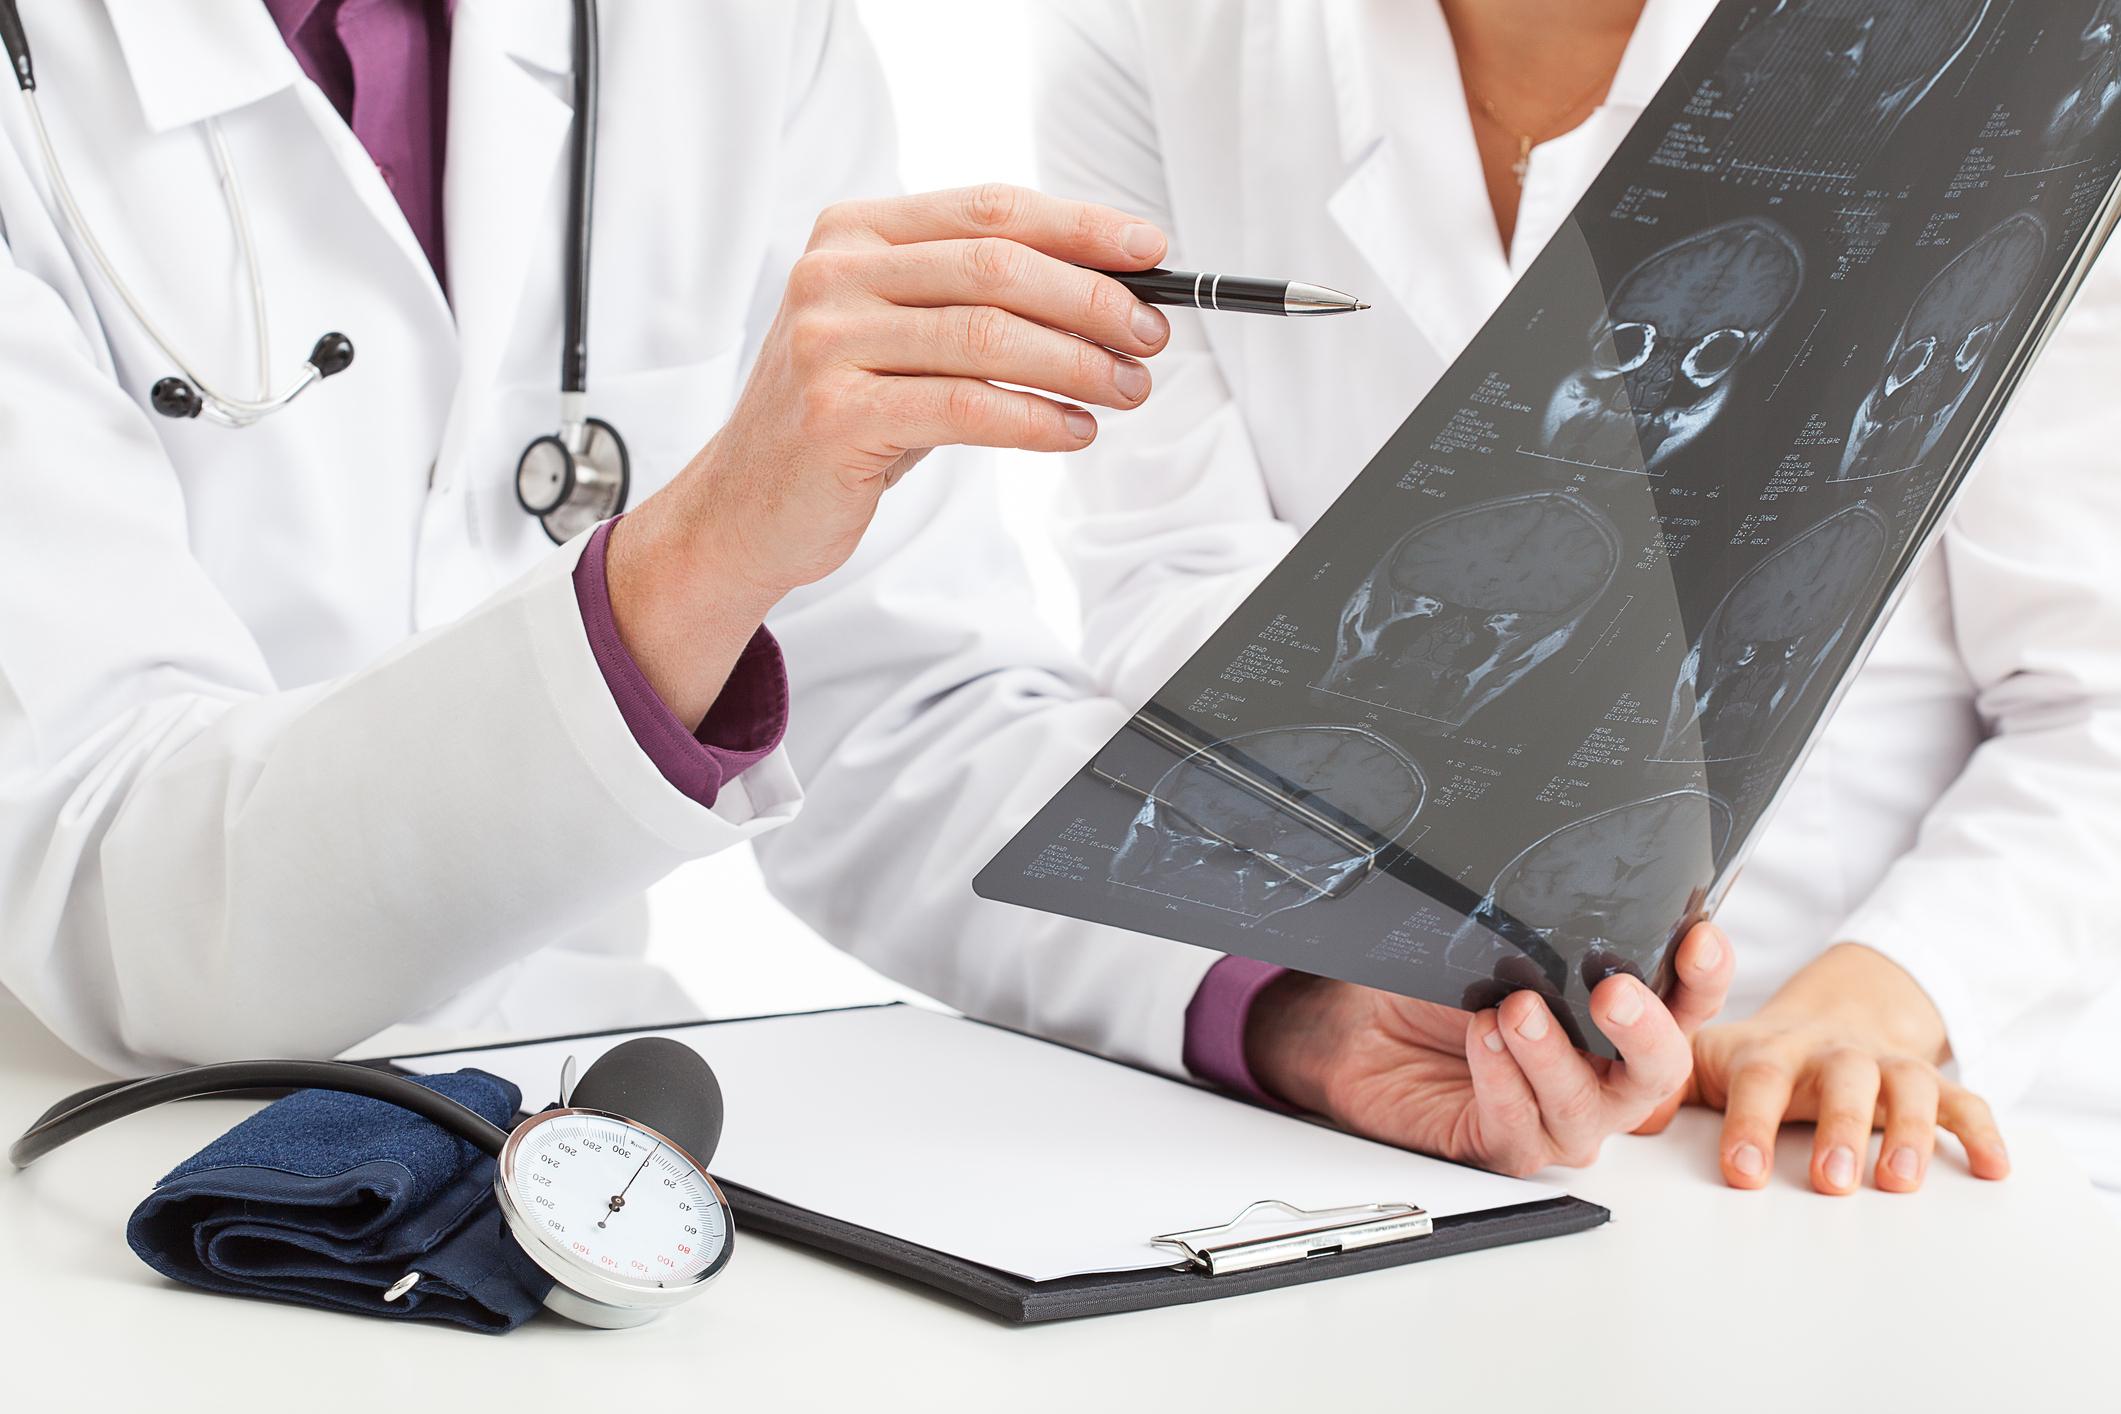 Doctors examining an x-ray.